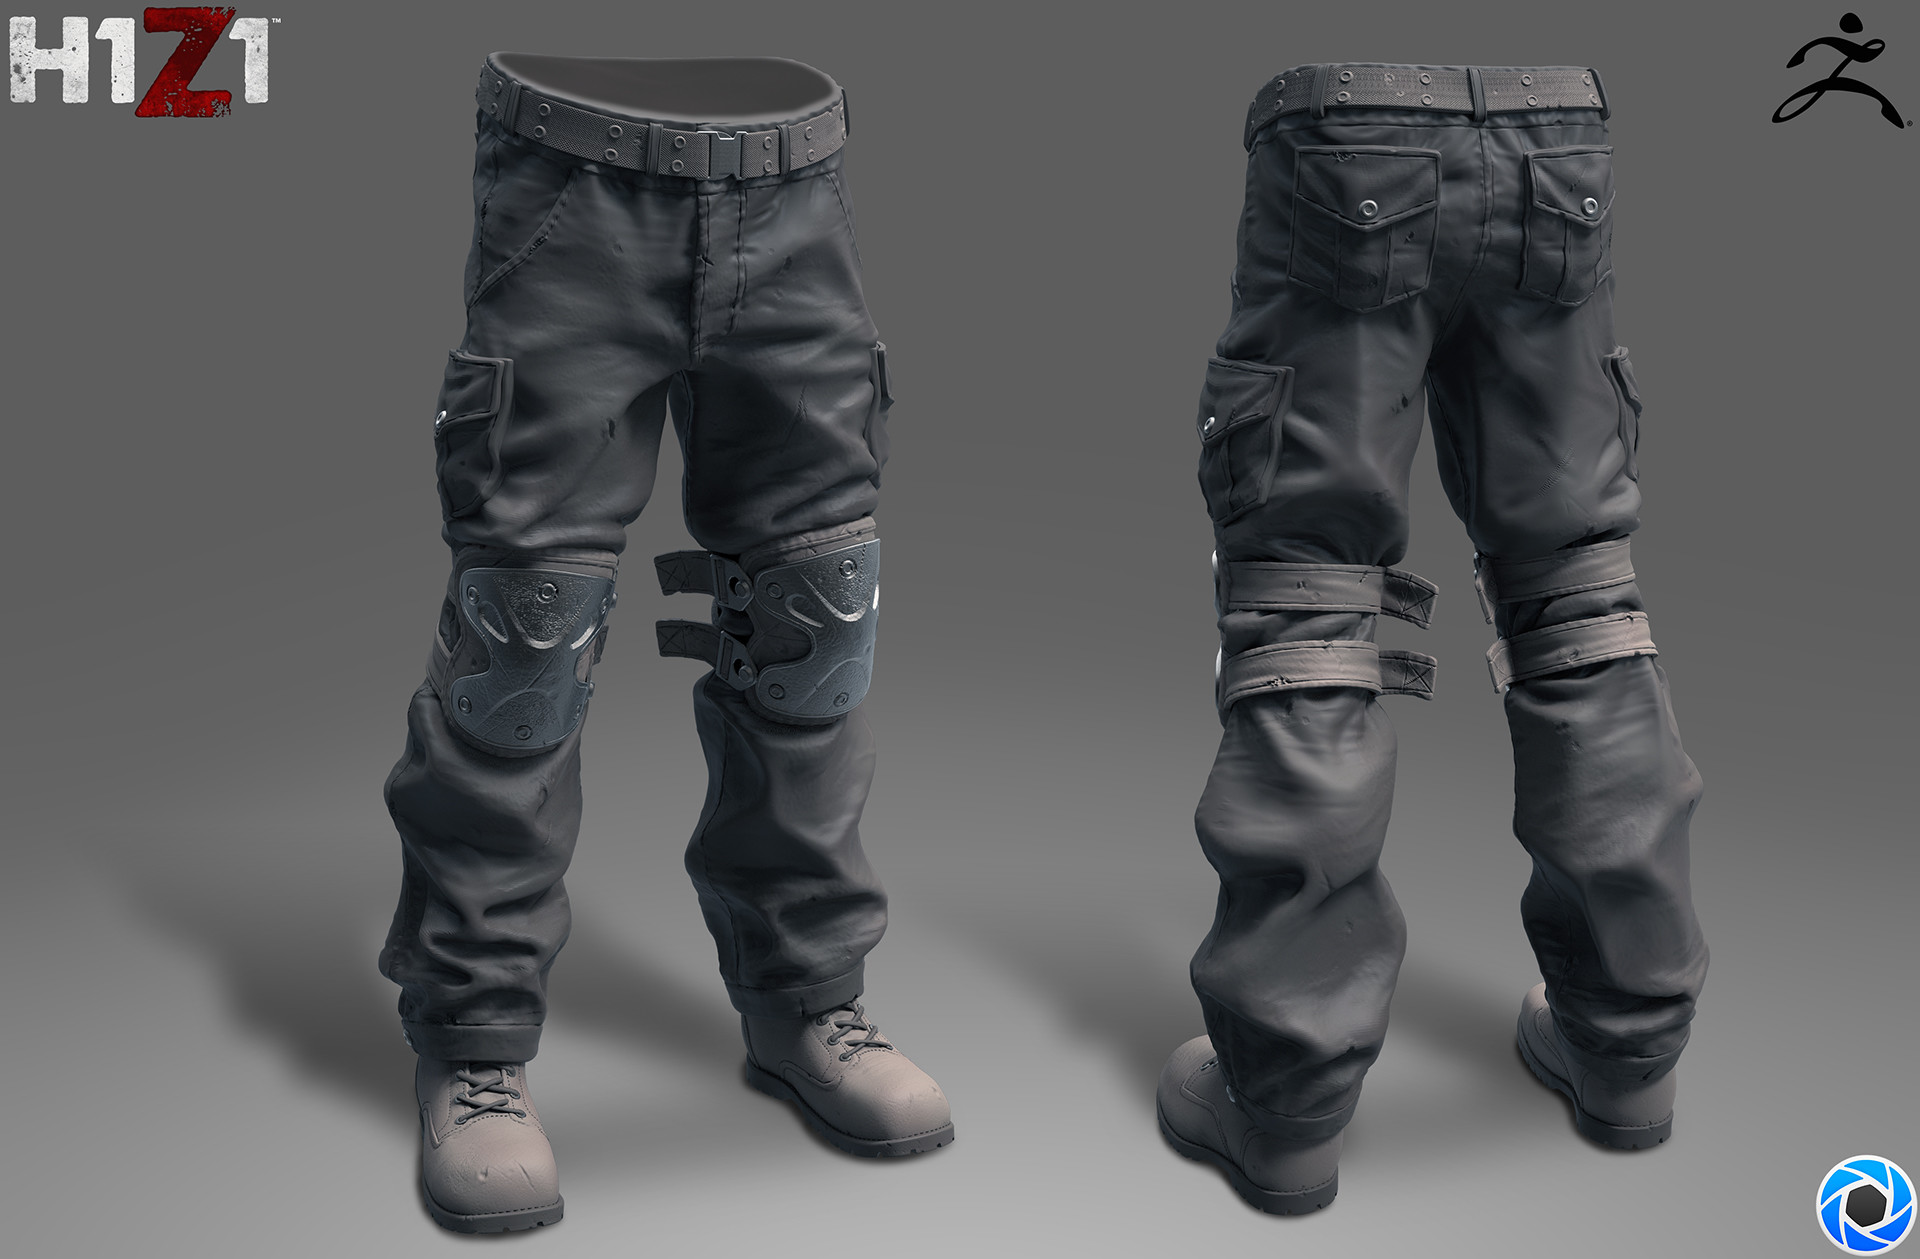 Satoshi arakawa kneepx pants sculpt